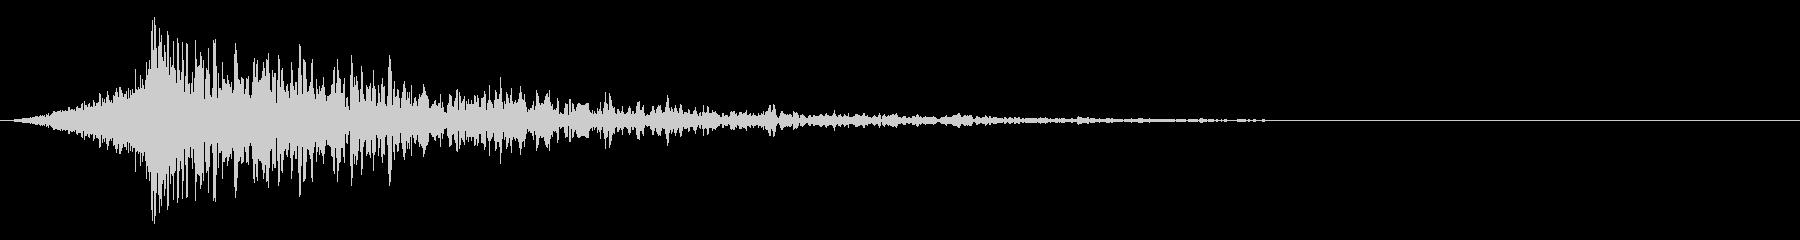 シュードーン-19-4(インパクト音)の未再生の波形